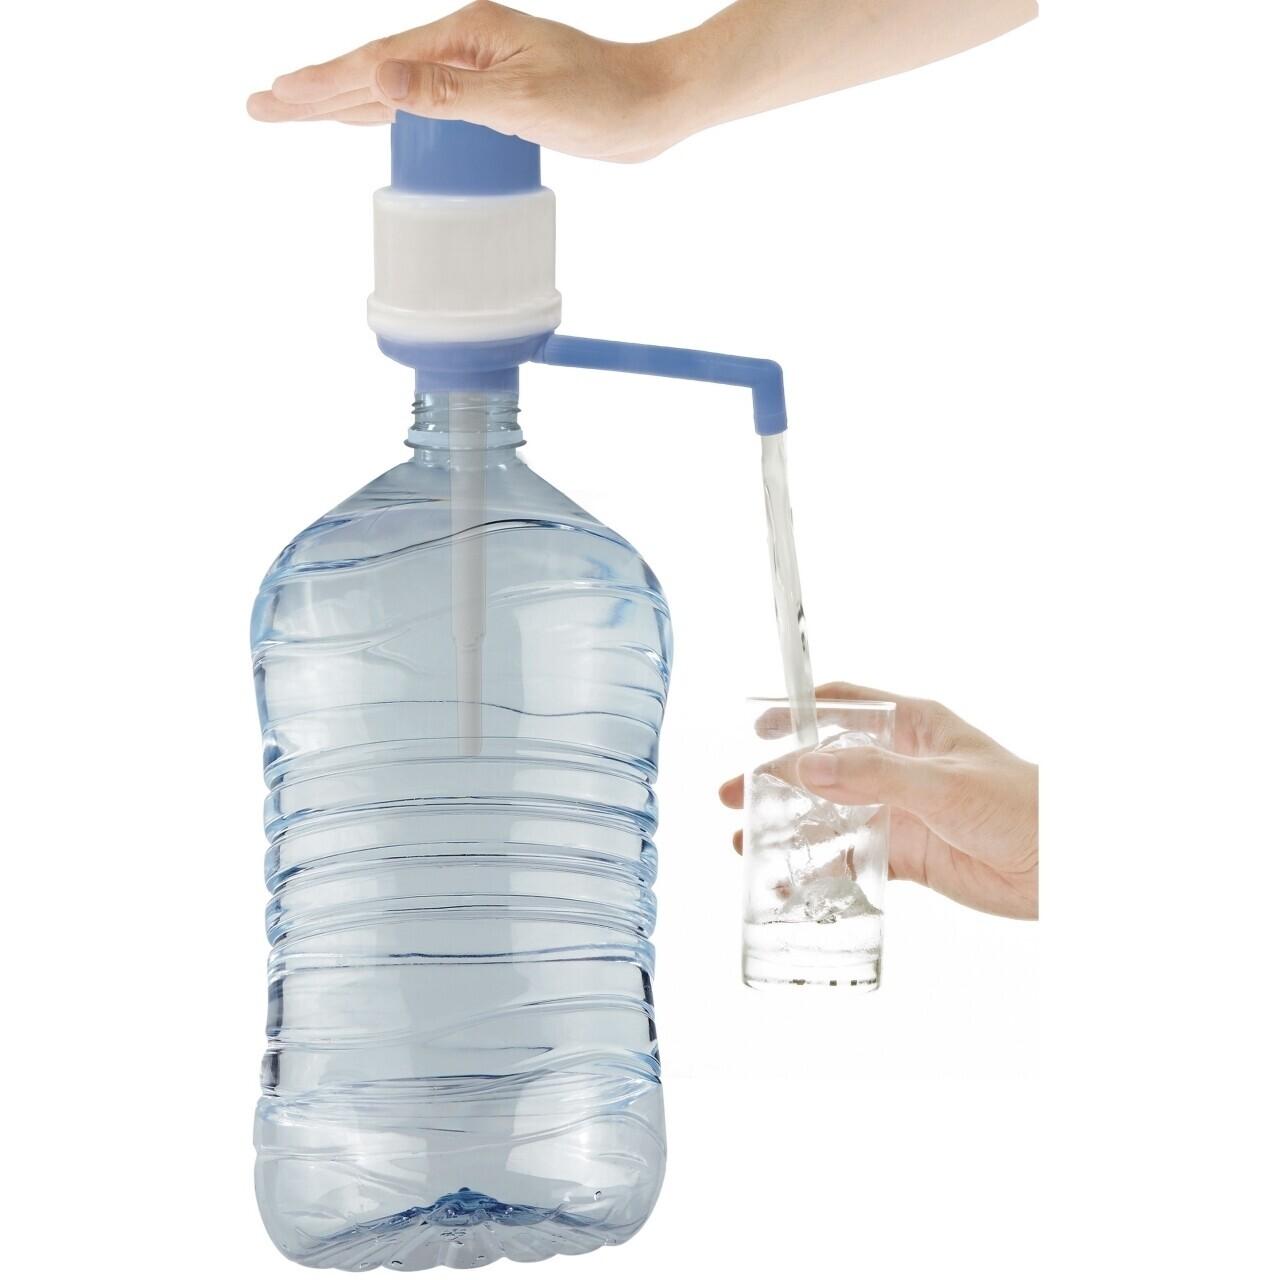 Pompa manuala pentru bidon de apa, Jocca, plastic